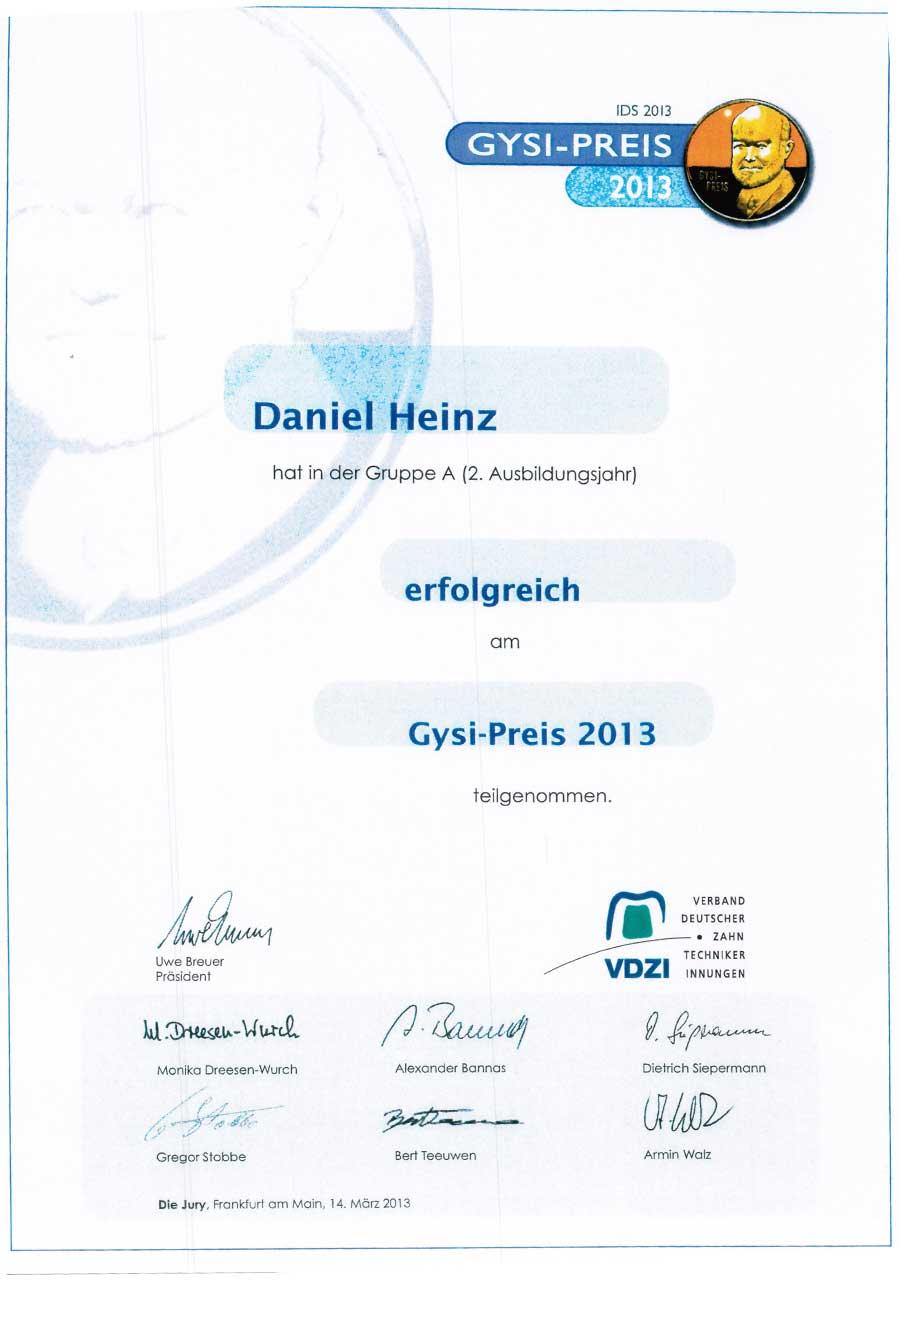 Gysi Preis für Daniel Heinz